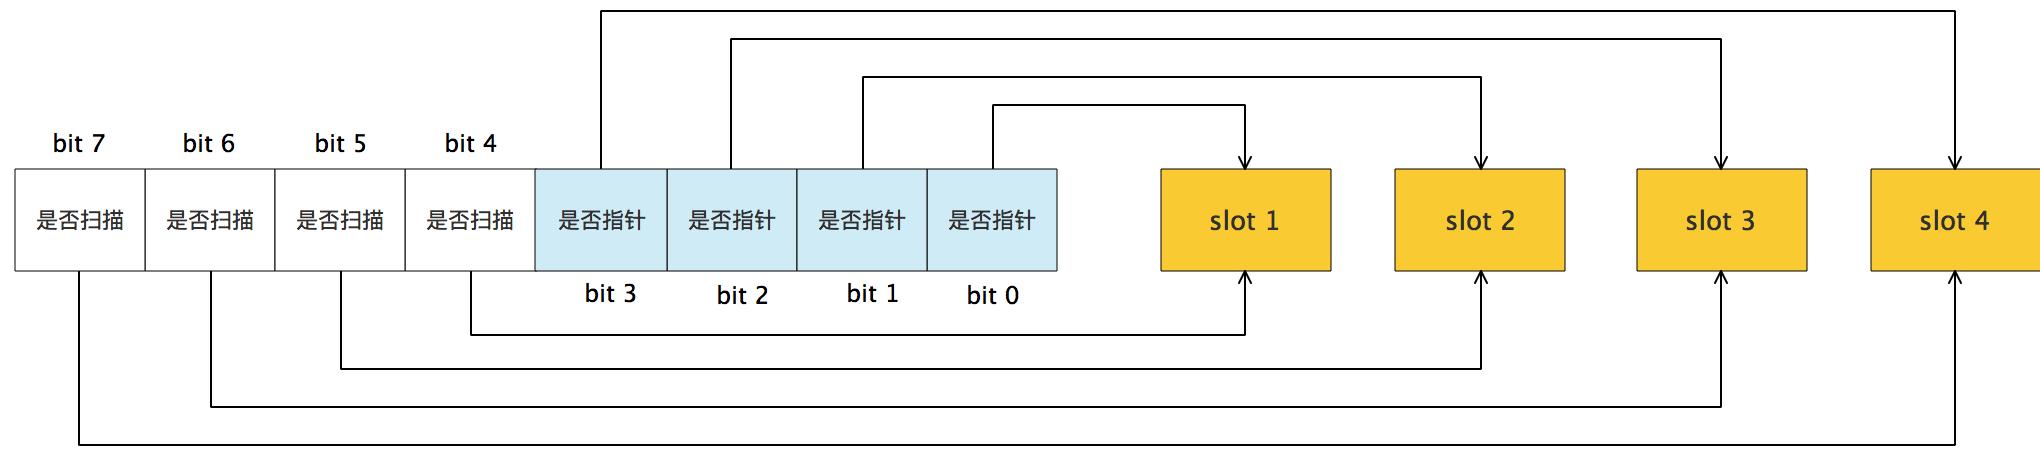 bitmap arena